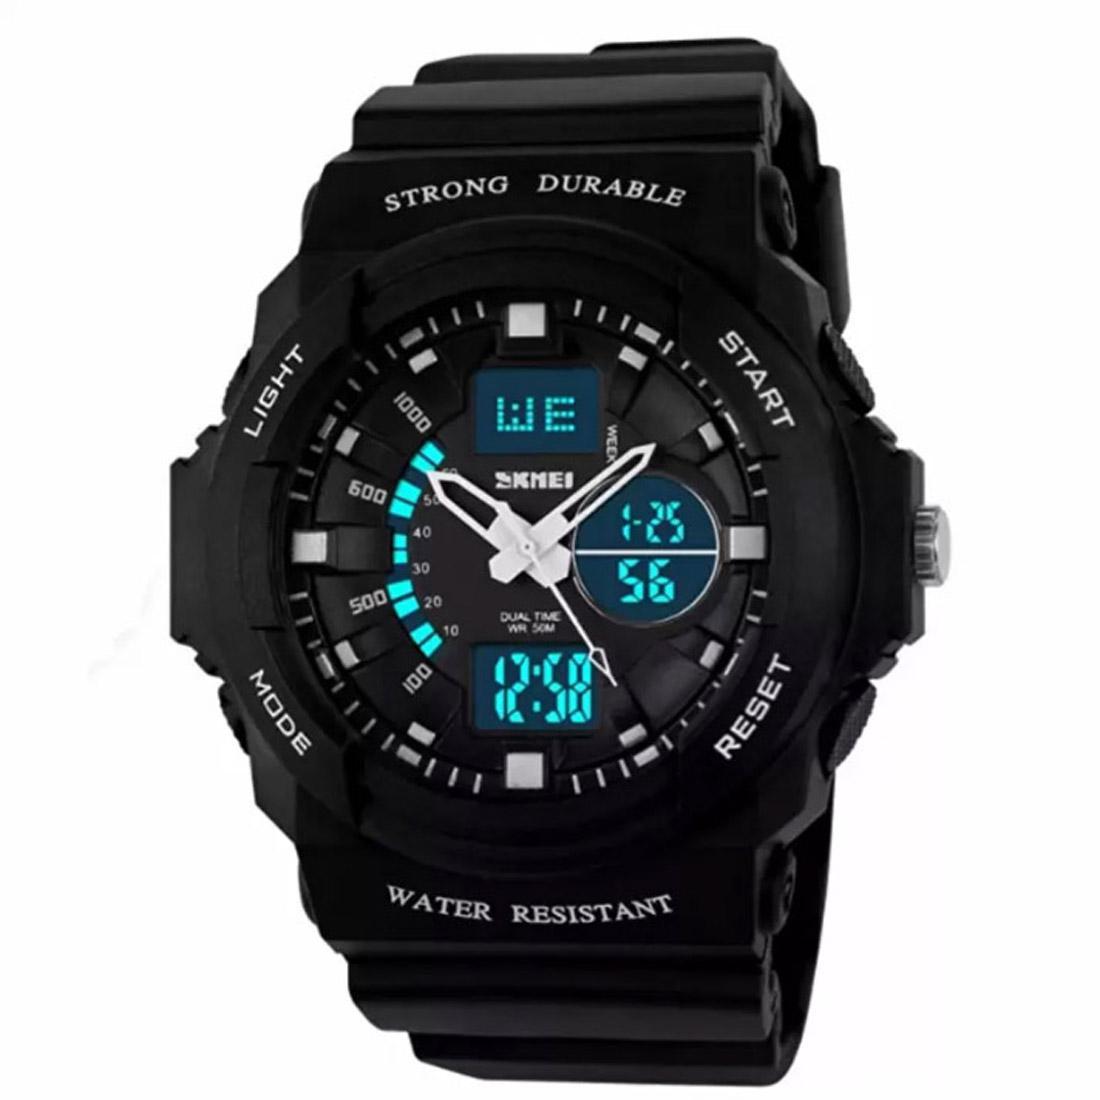 Đồng hồ thể thao chống nước nữ - đồng hồ điện tử nữ Skmei 0955 - trắng đen bán chạy